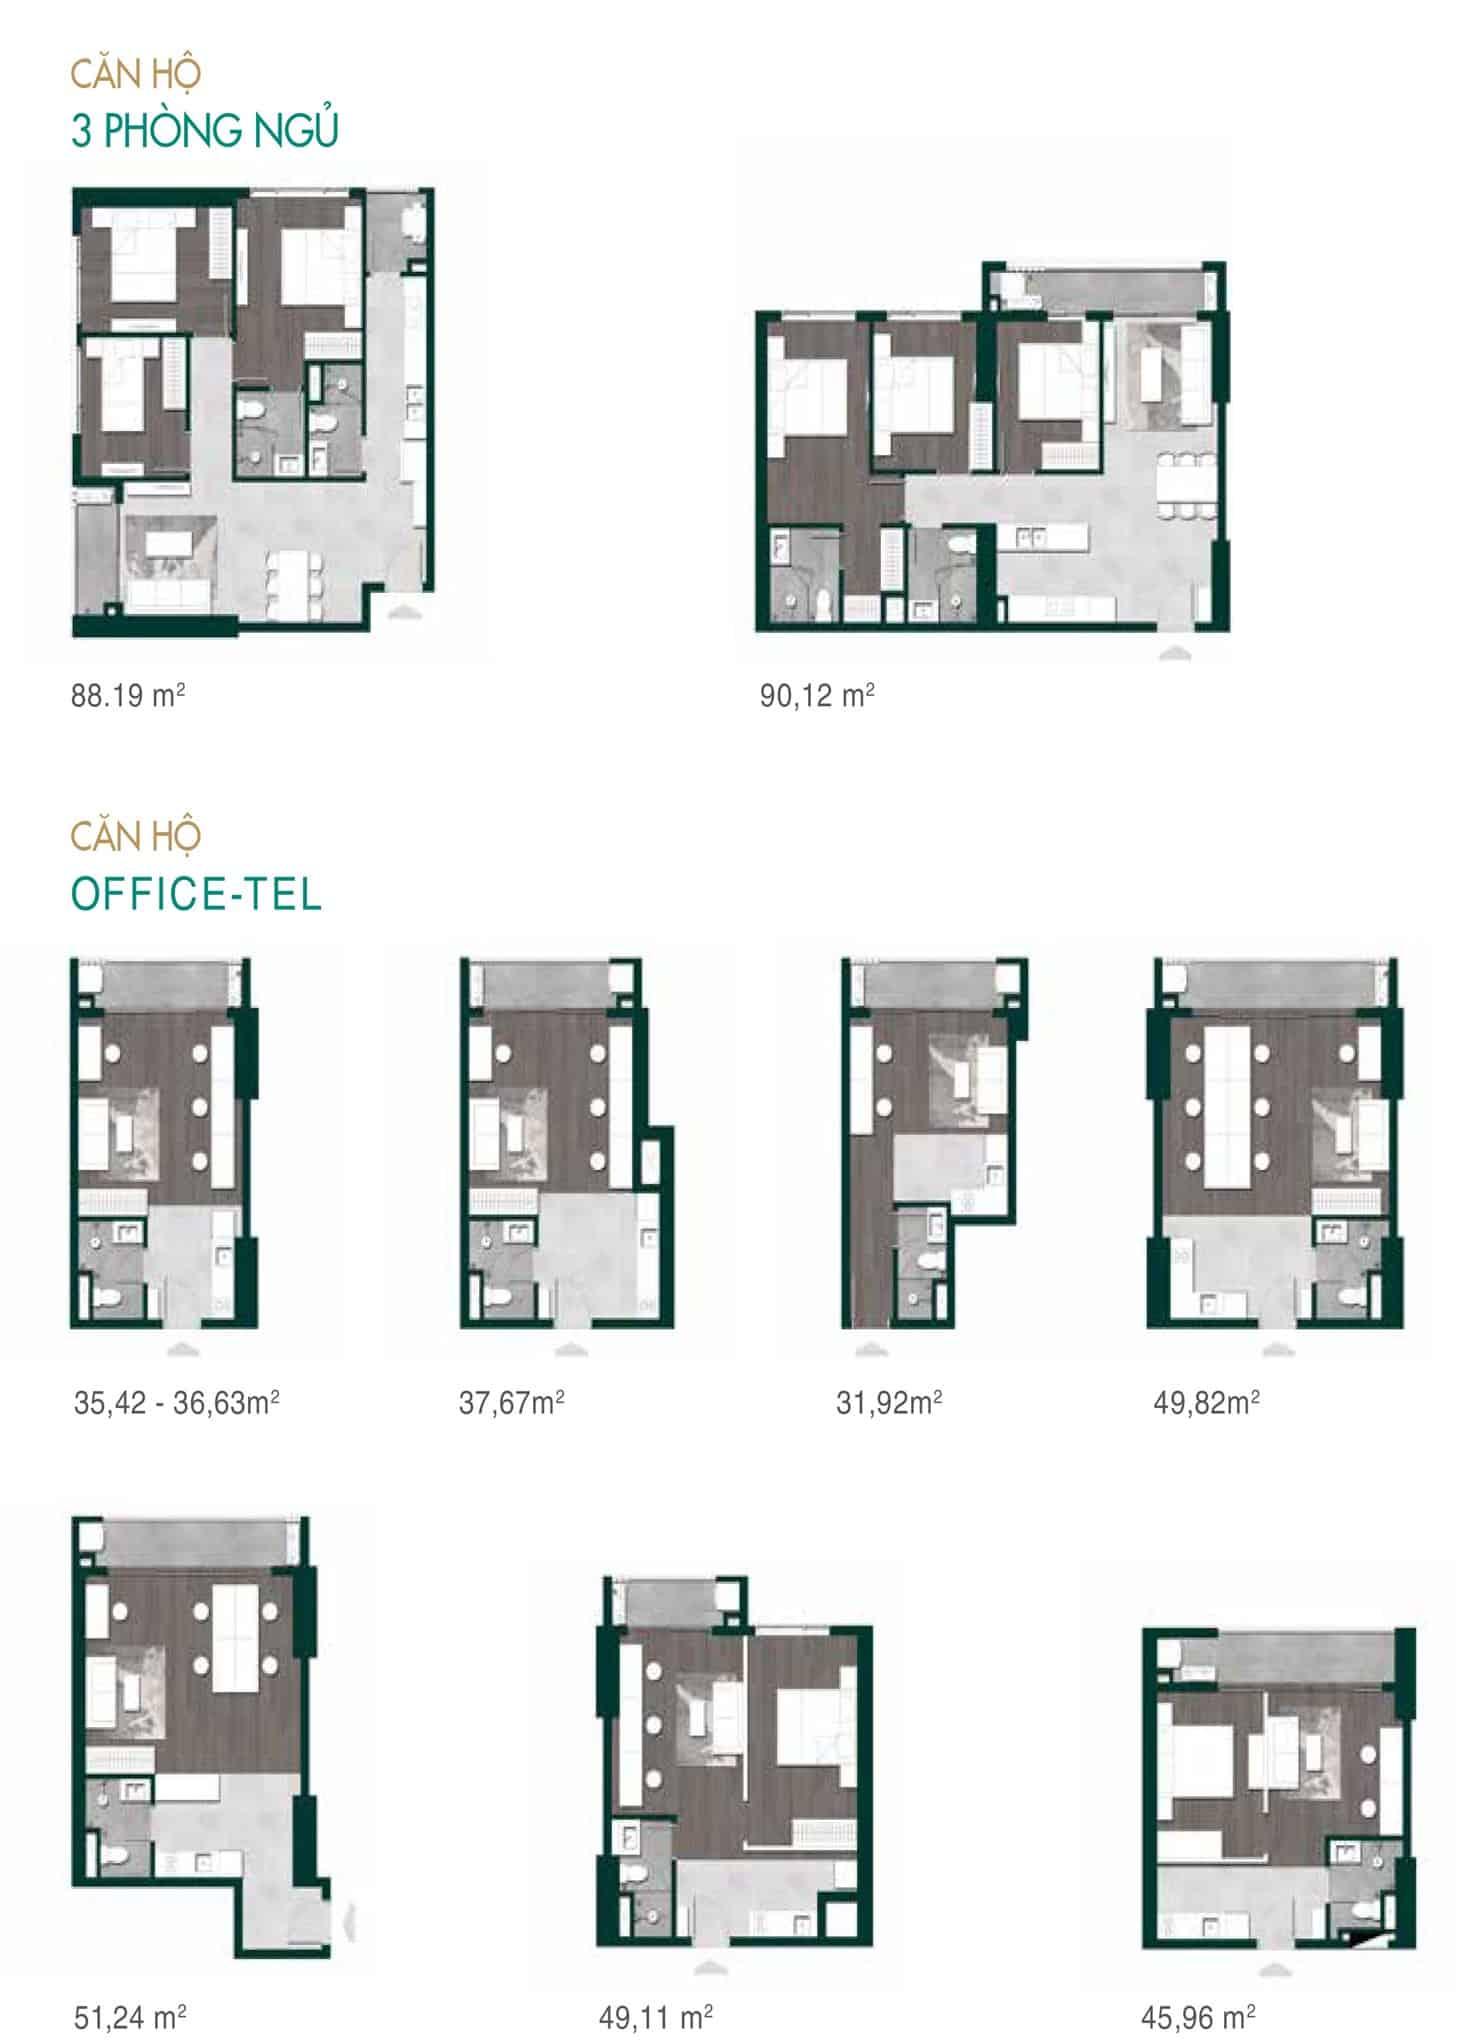 Bản vẽ thiết kế căn hộ 3 phòng ngủ và Officetel dự án Lavita Thuận An Hưng Thịnh